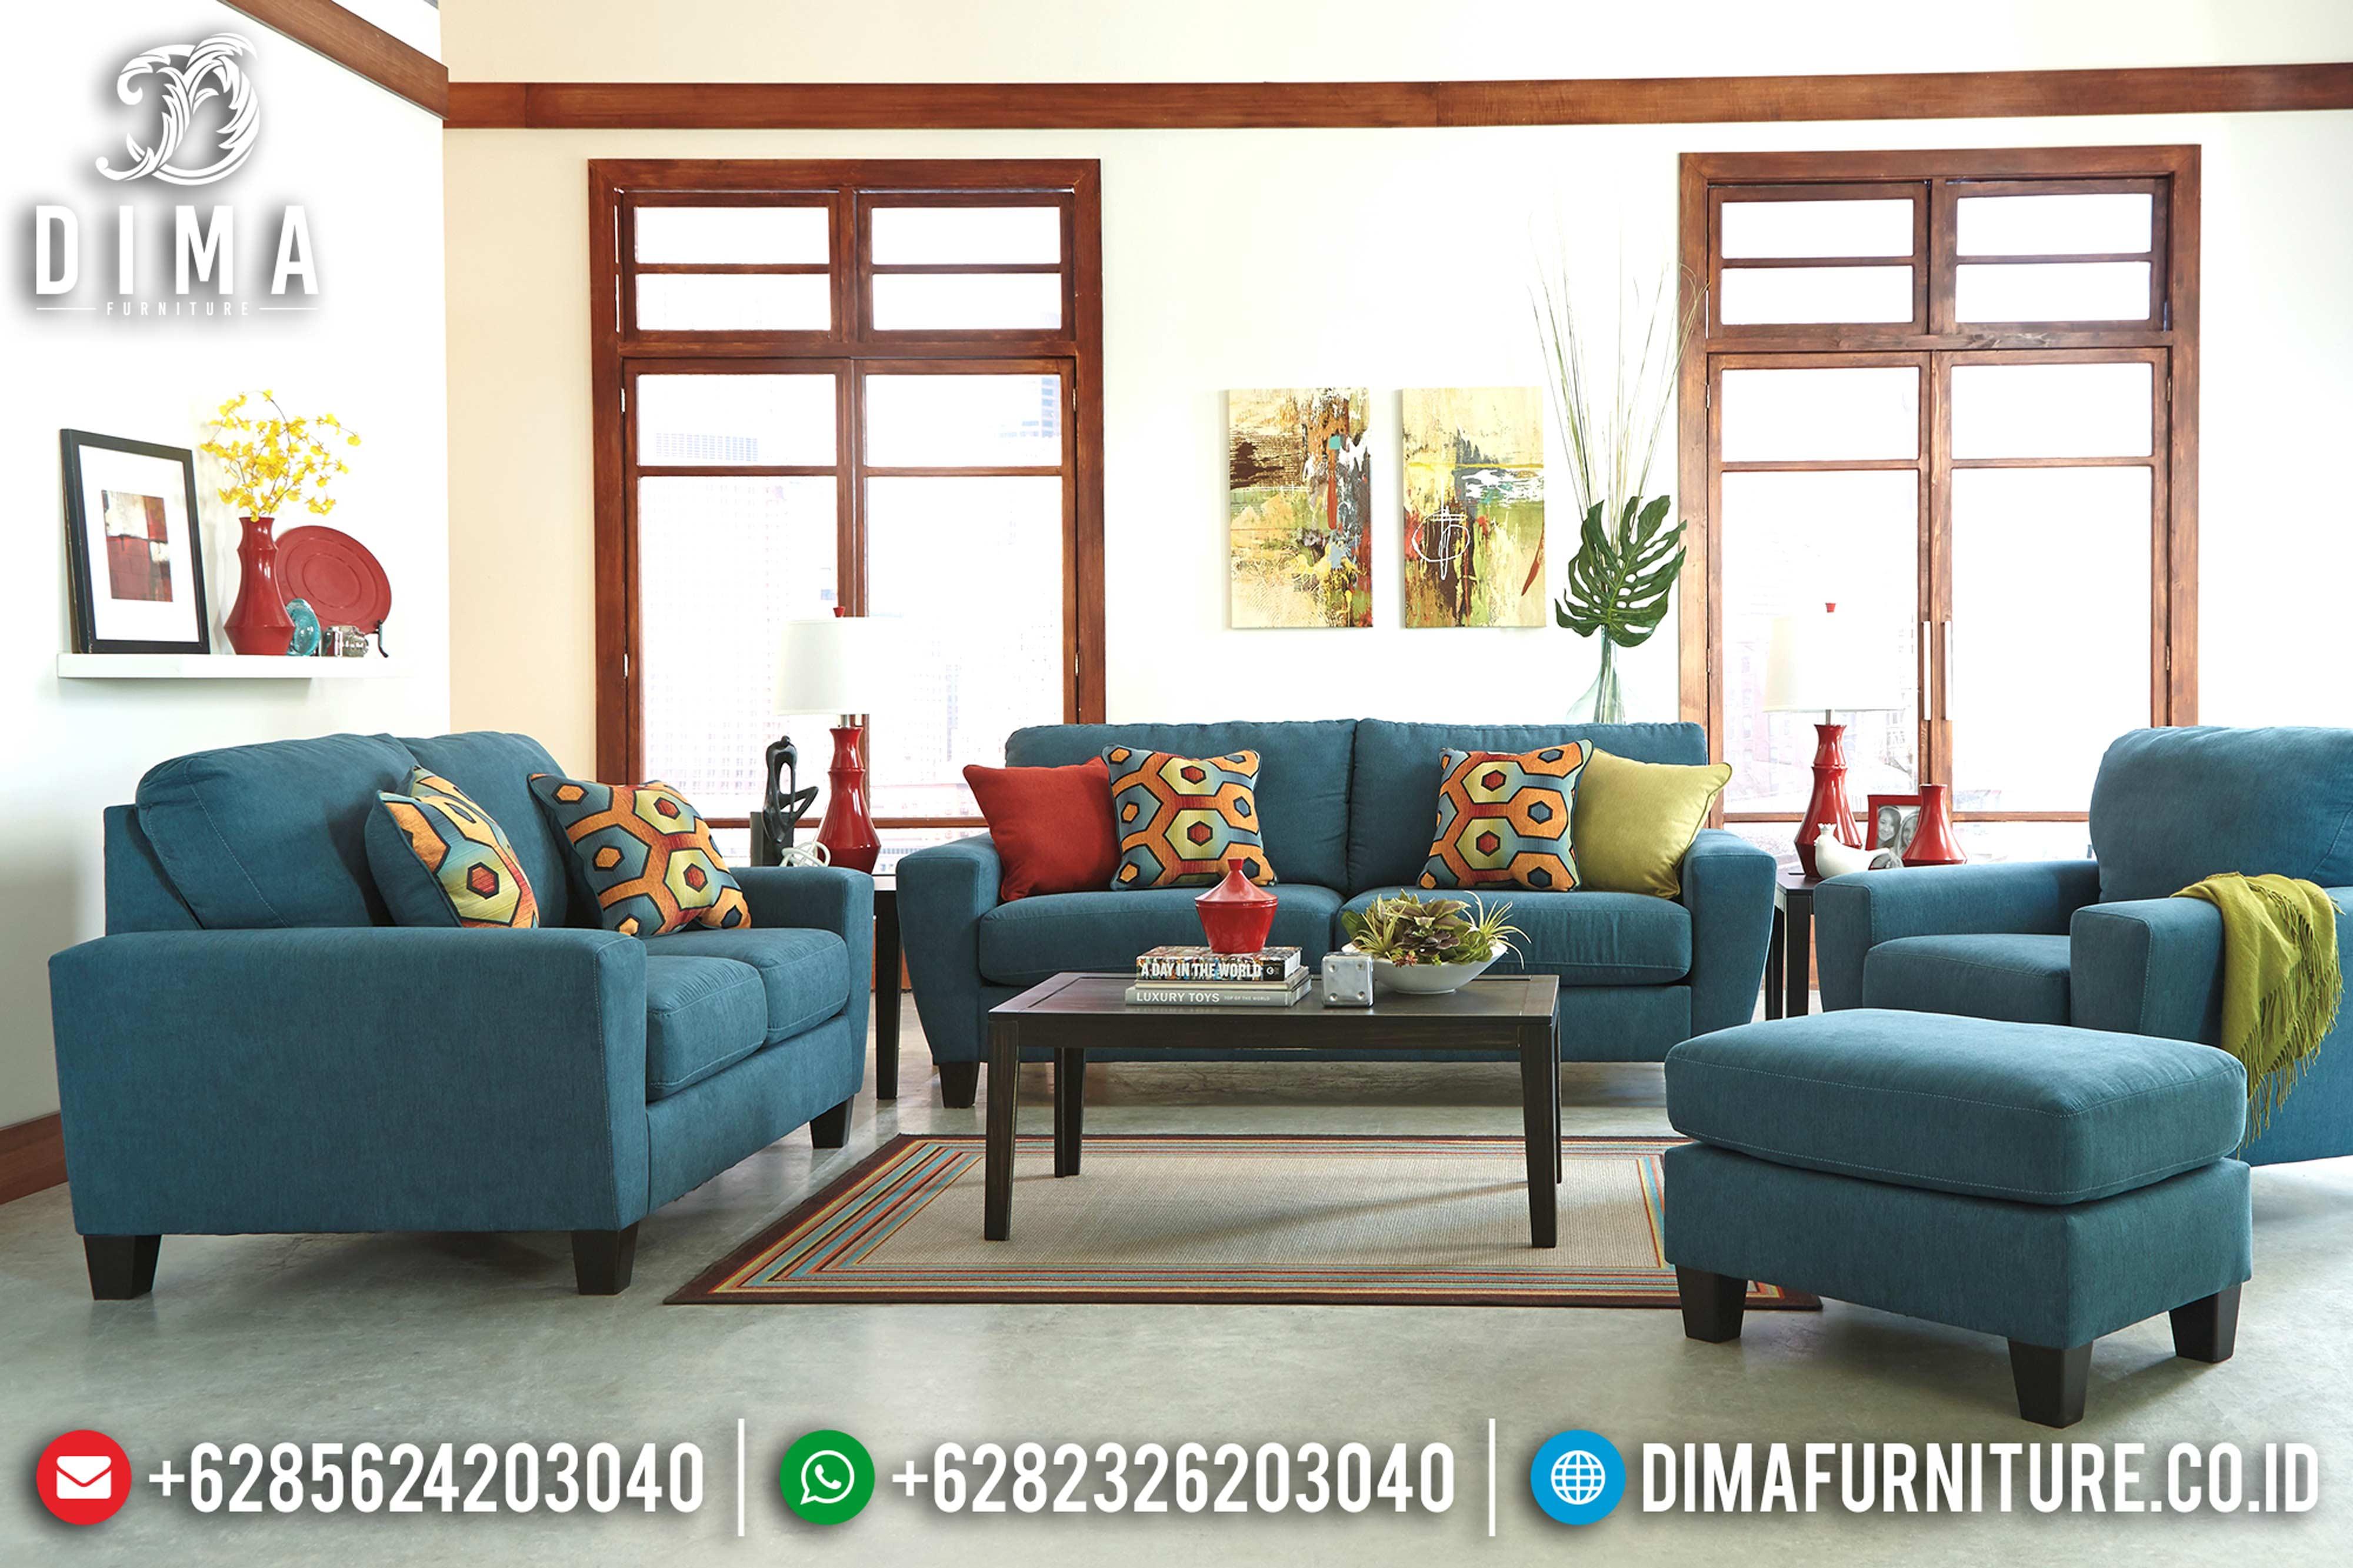 Jual 1 Set Sofa Tamu Jepara Minimalis Mewah Terbaru Canvas Dark Blue DF-0573